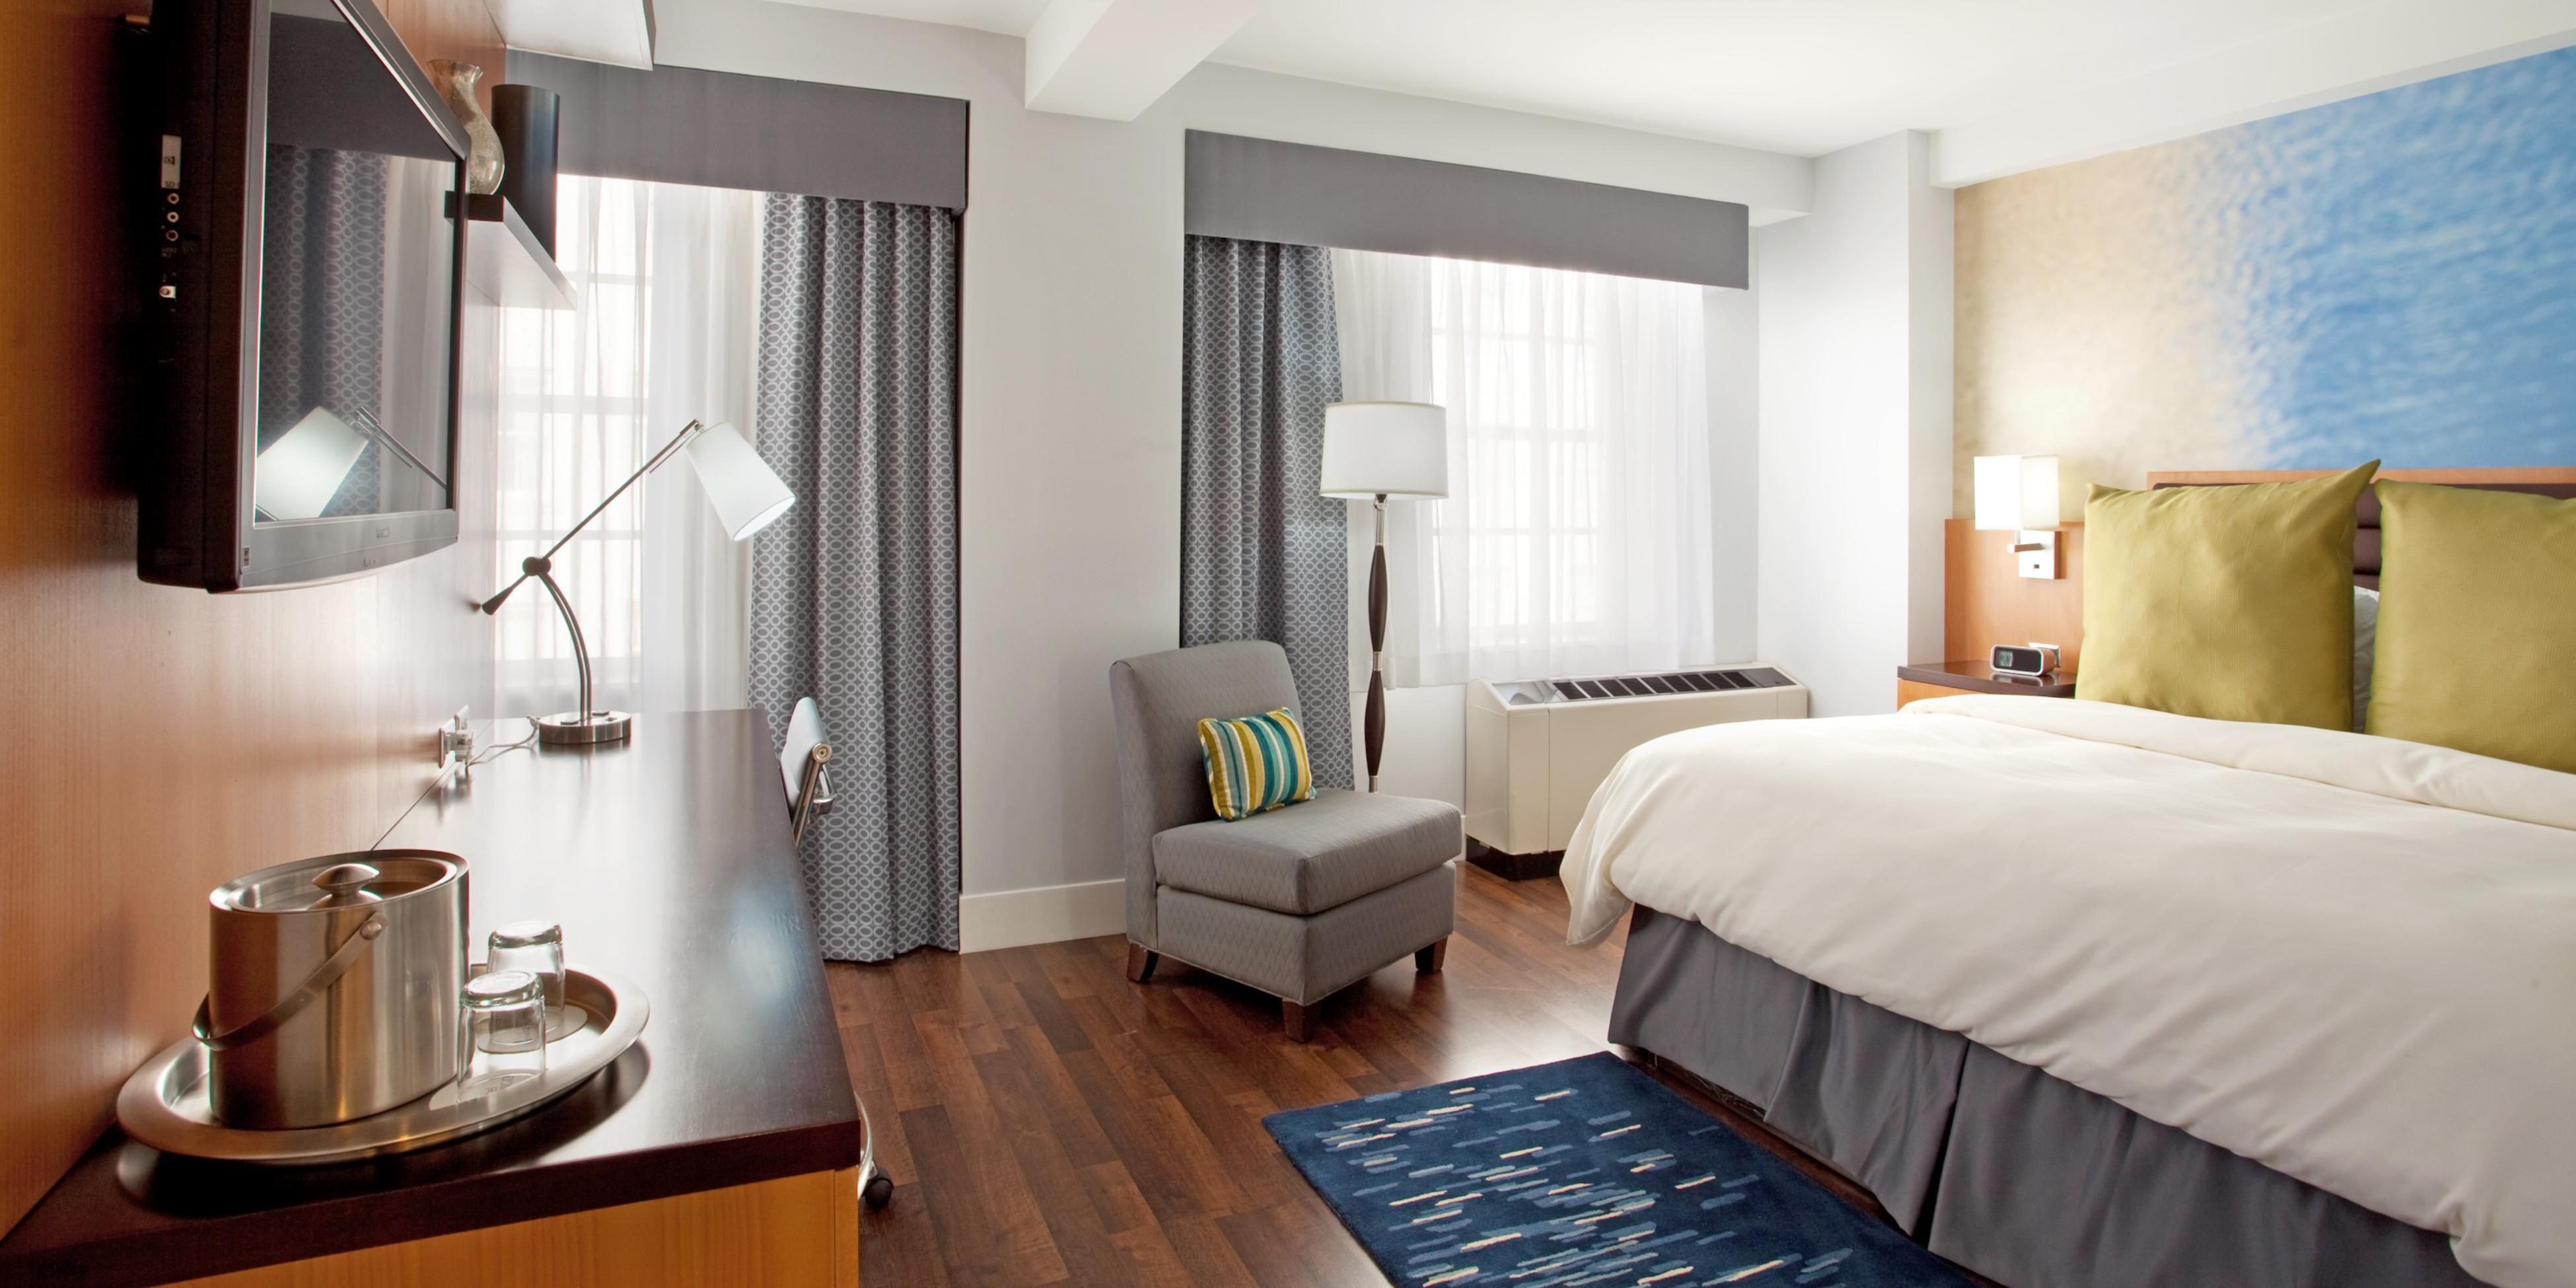 Hotel Indigo Baton Rouge Downtown image 1